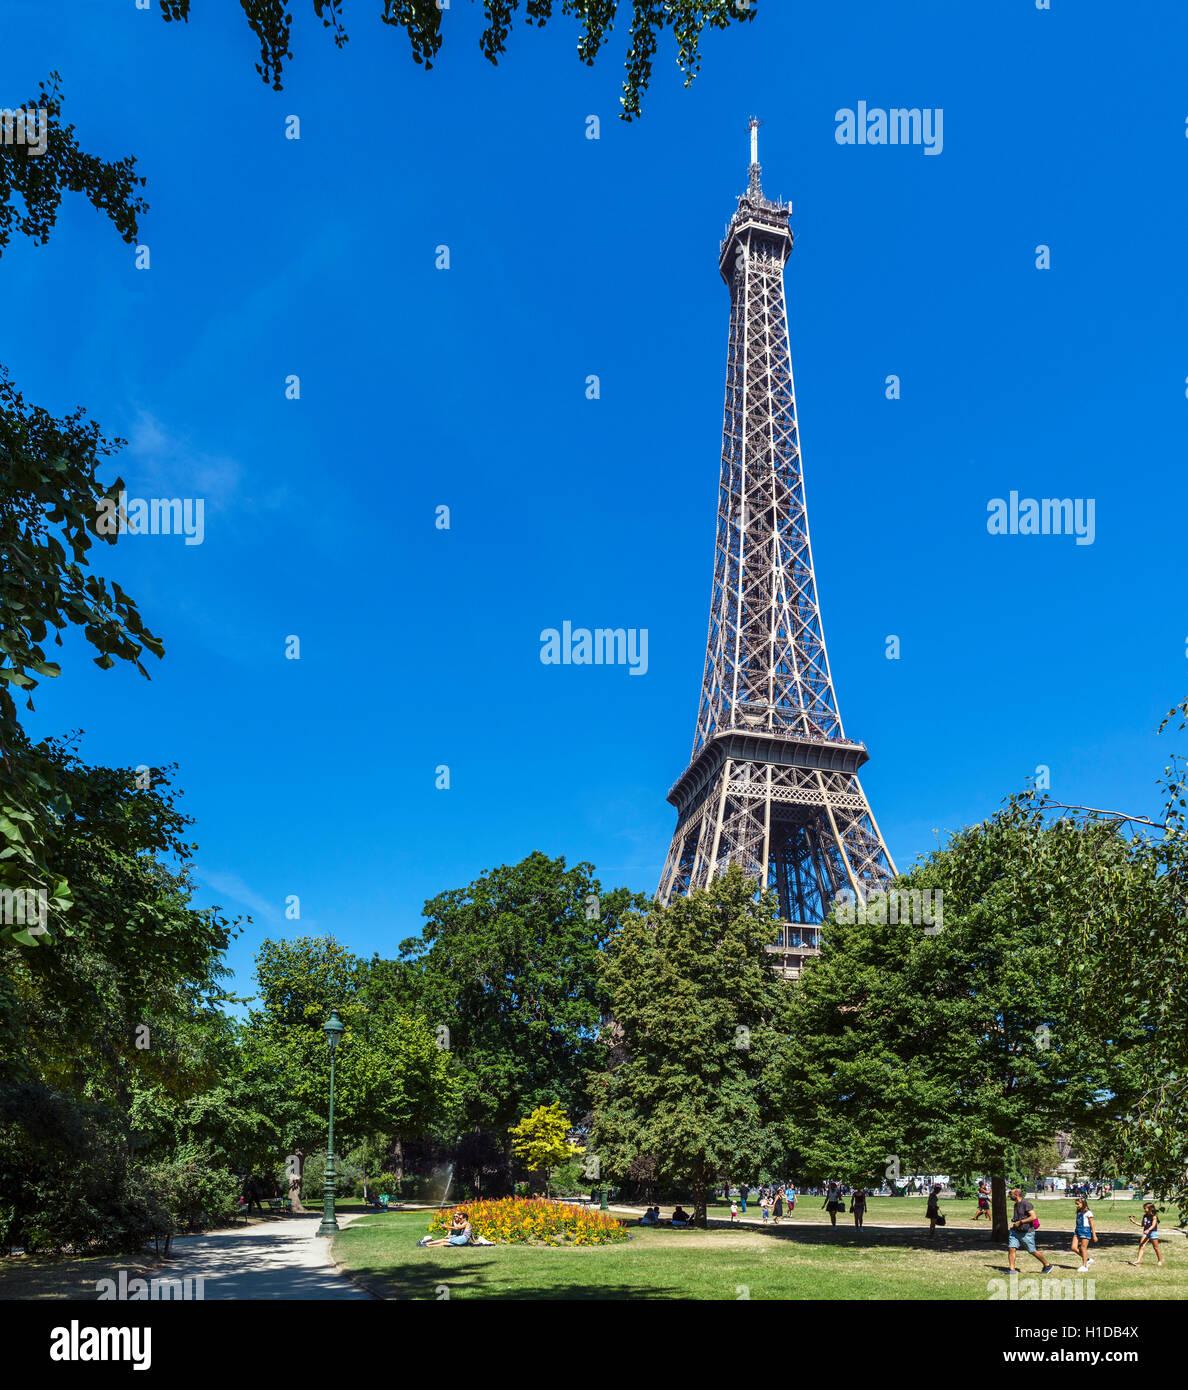 Eiffel Tower (Tour Eiffel) from the Champ de Mars, Paris, France - Stock Image